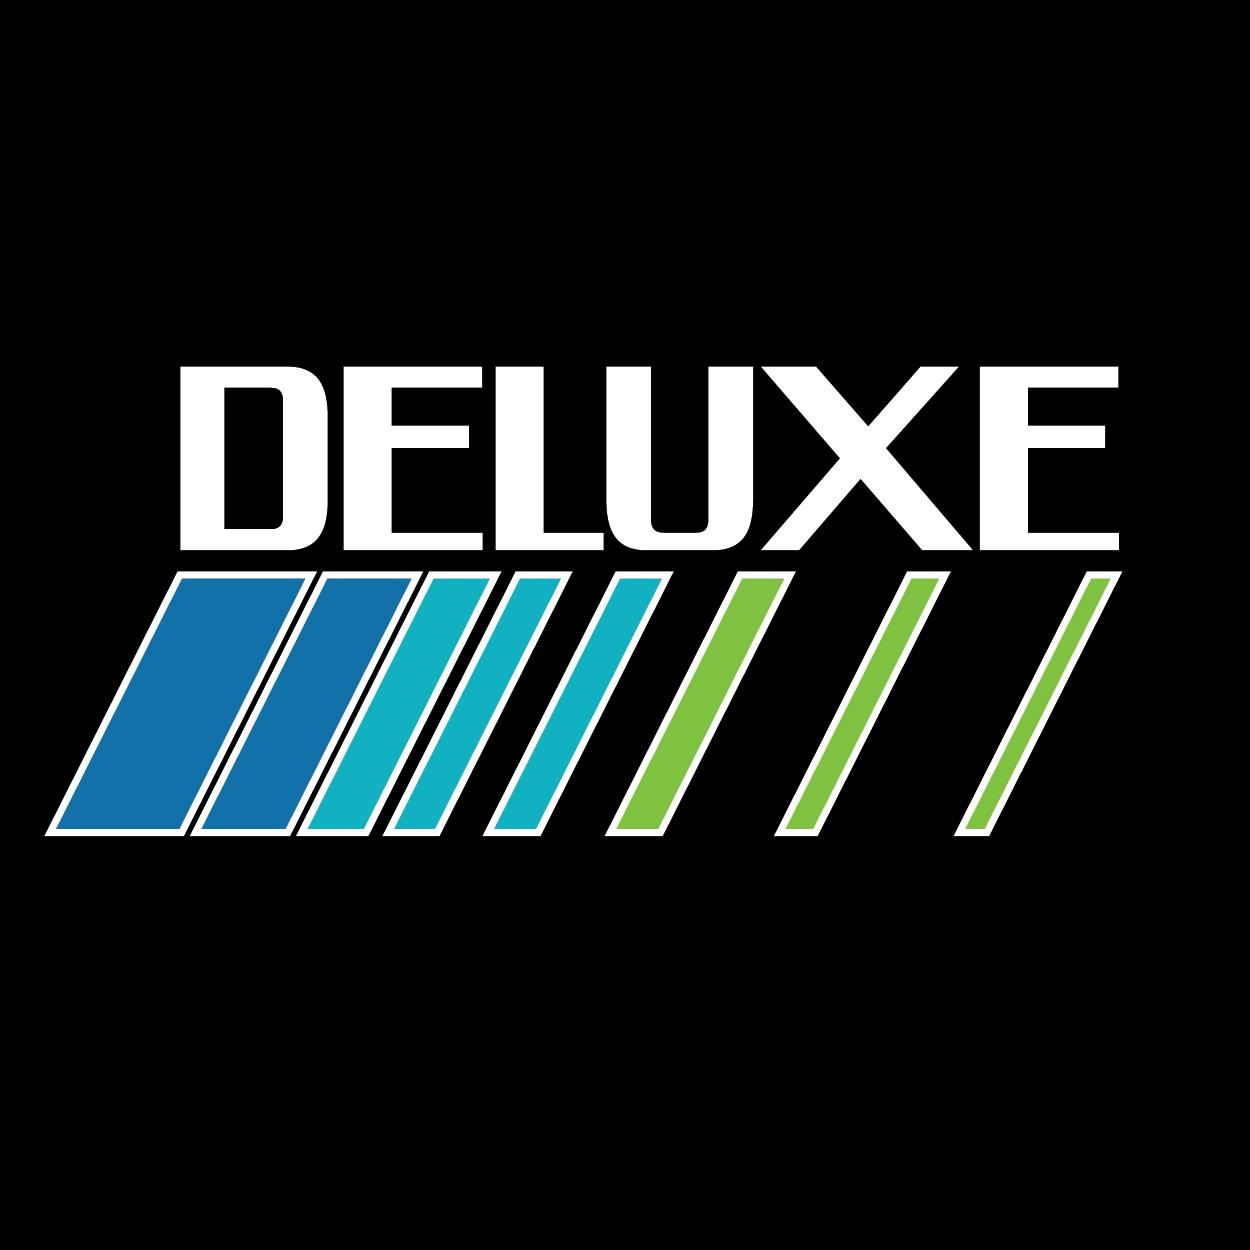 Deluxe logo-01.jpg